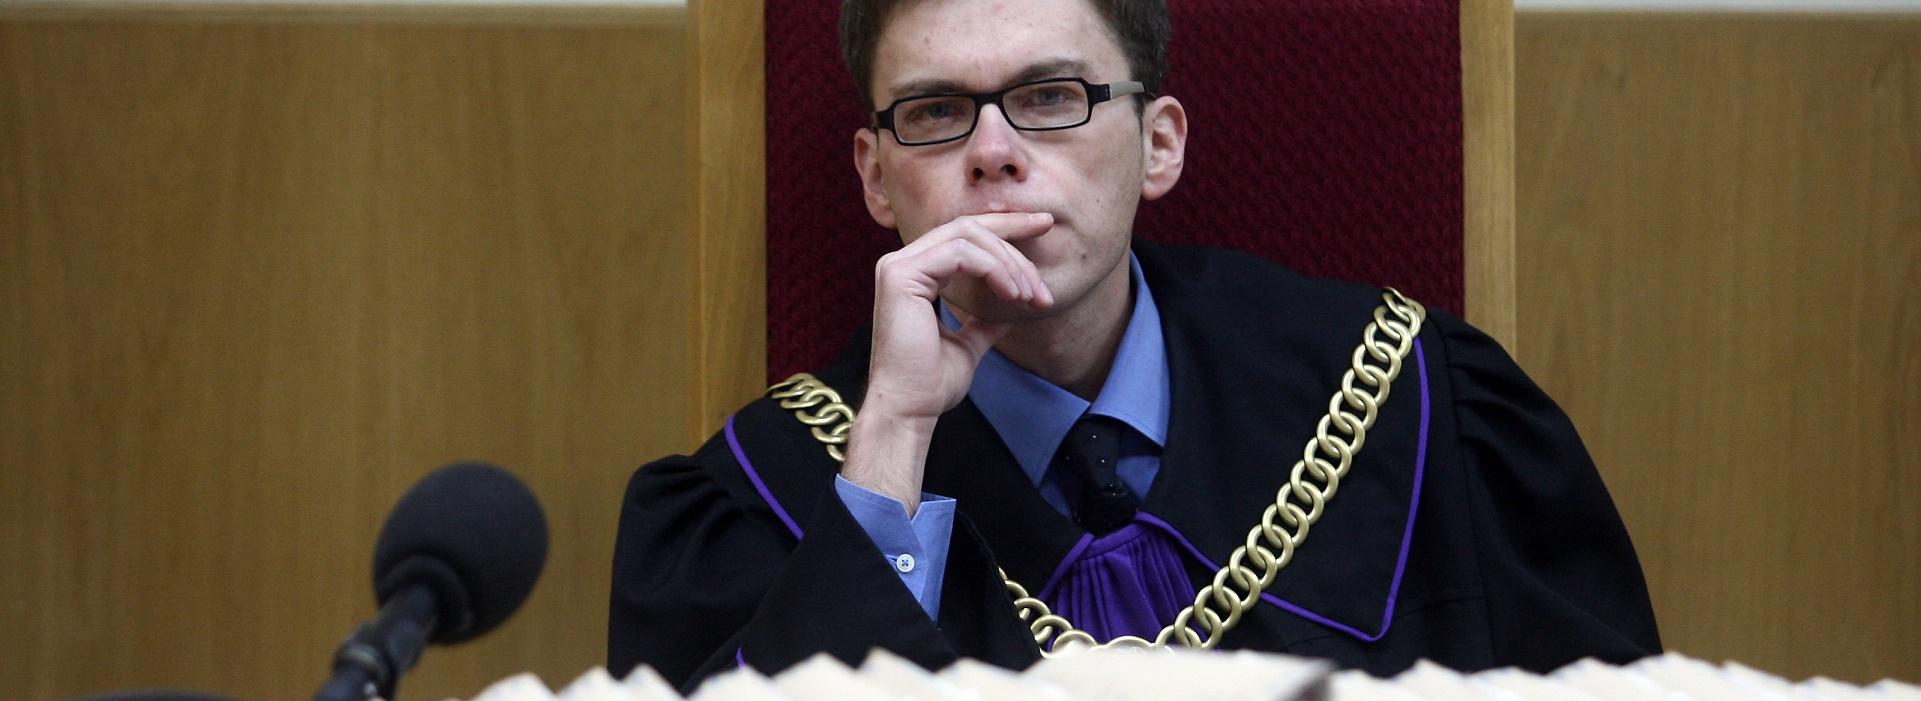 Rzecznik generalny Trybunału UE o pytaniach polskich sądów: Niedopuszczalne! Jedno z pytań zadał sędzia Igor Tuleya